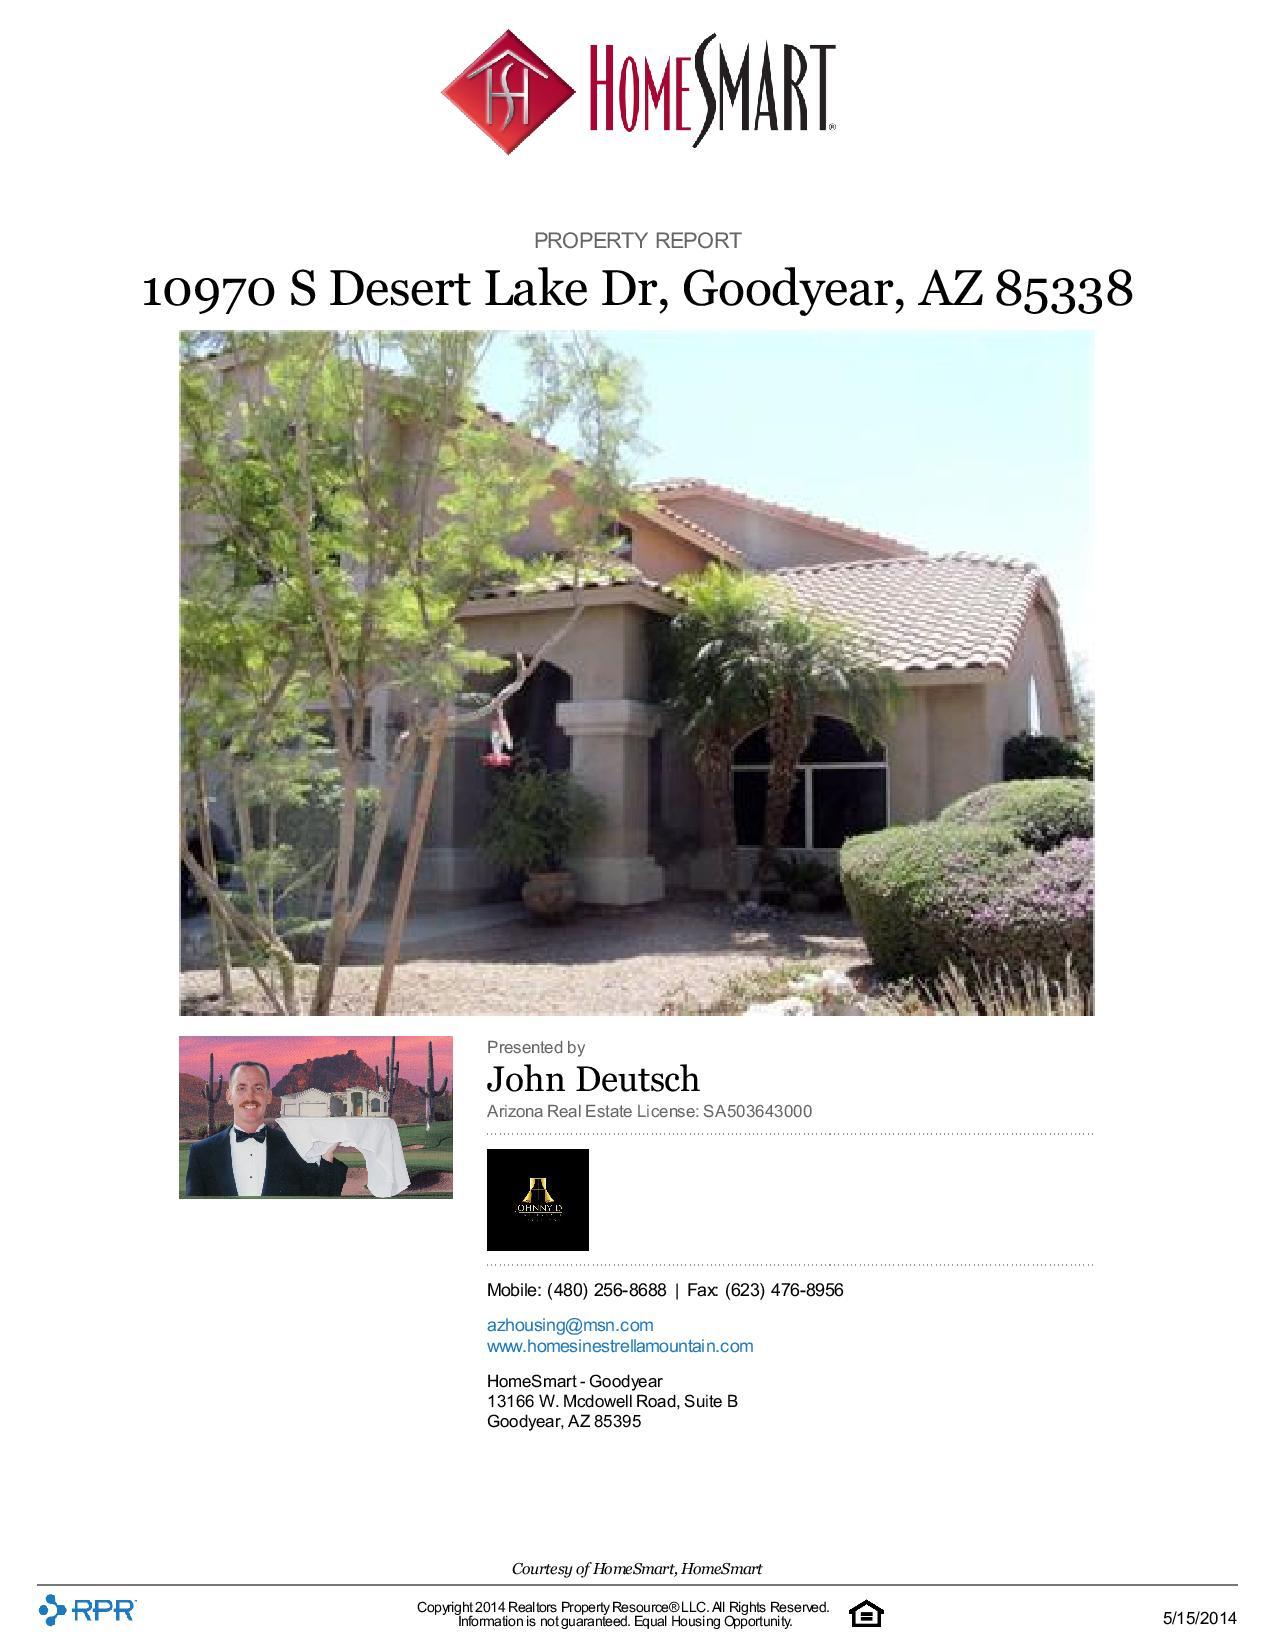 10970-S-Desert-Lake-Dr-Goodyear-AZ-85338-page-001